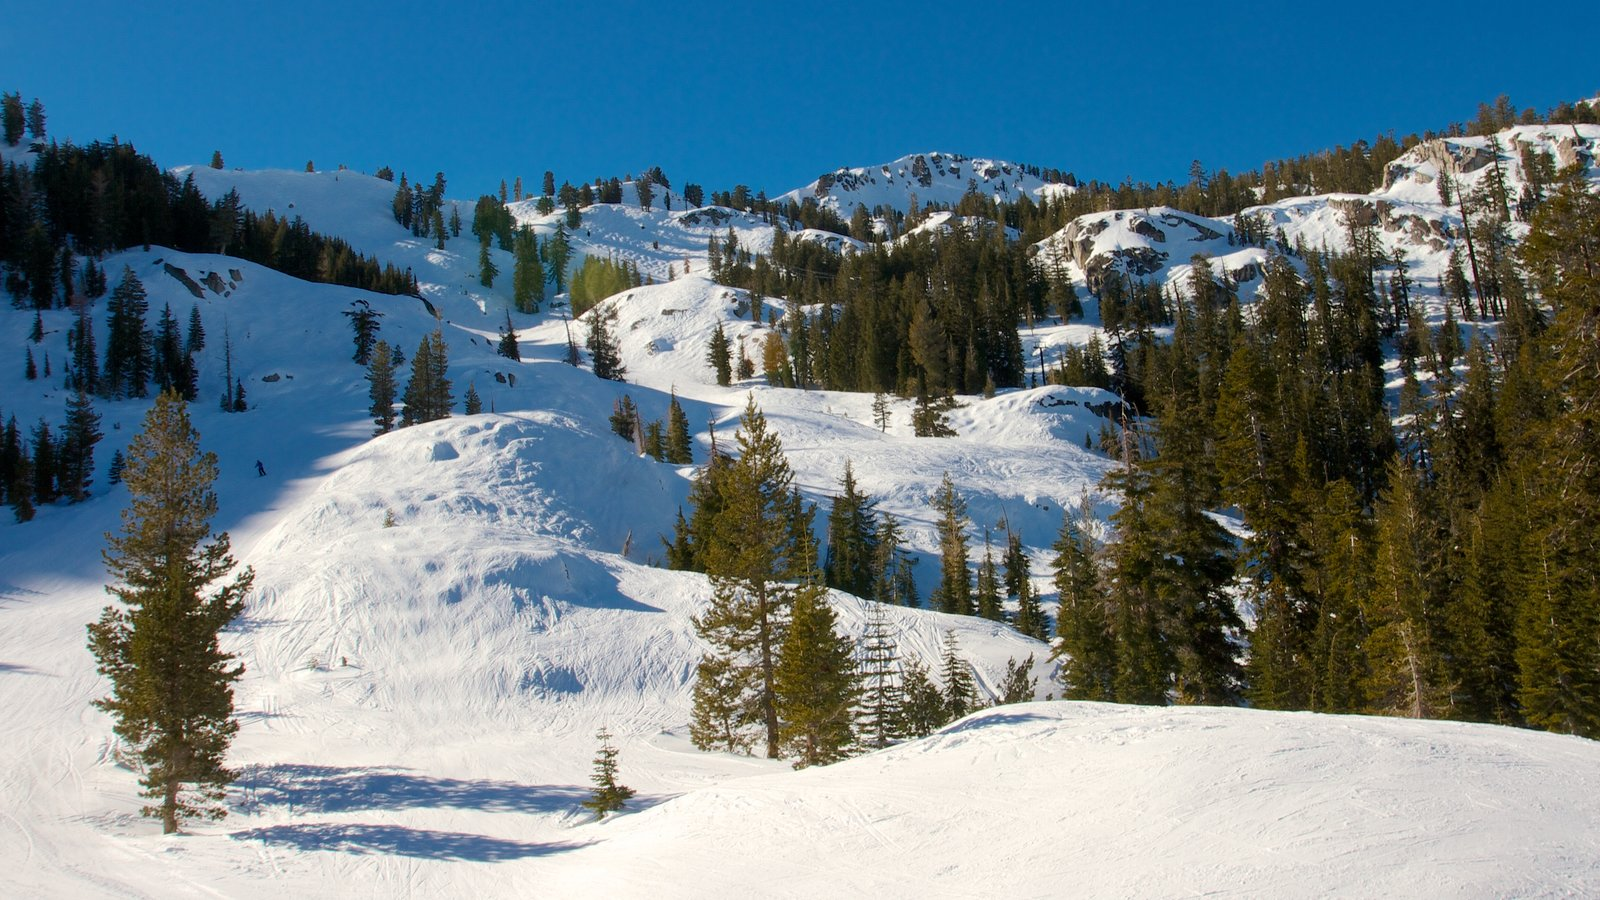 Squaw Valley Resort ofreciendo escenas tranquilas, vistas de paisajes y nieve